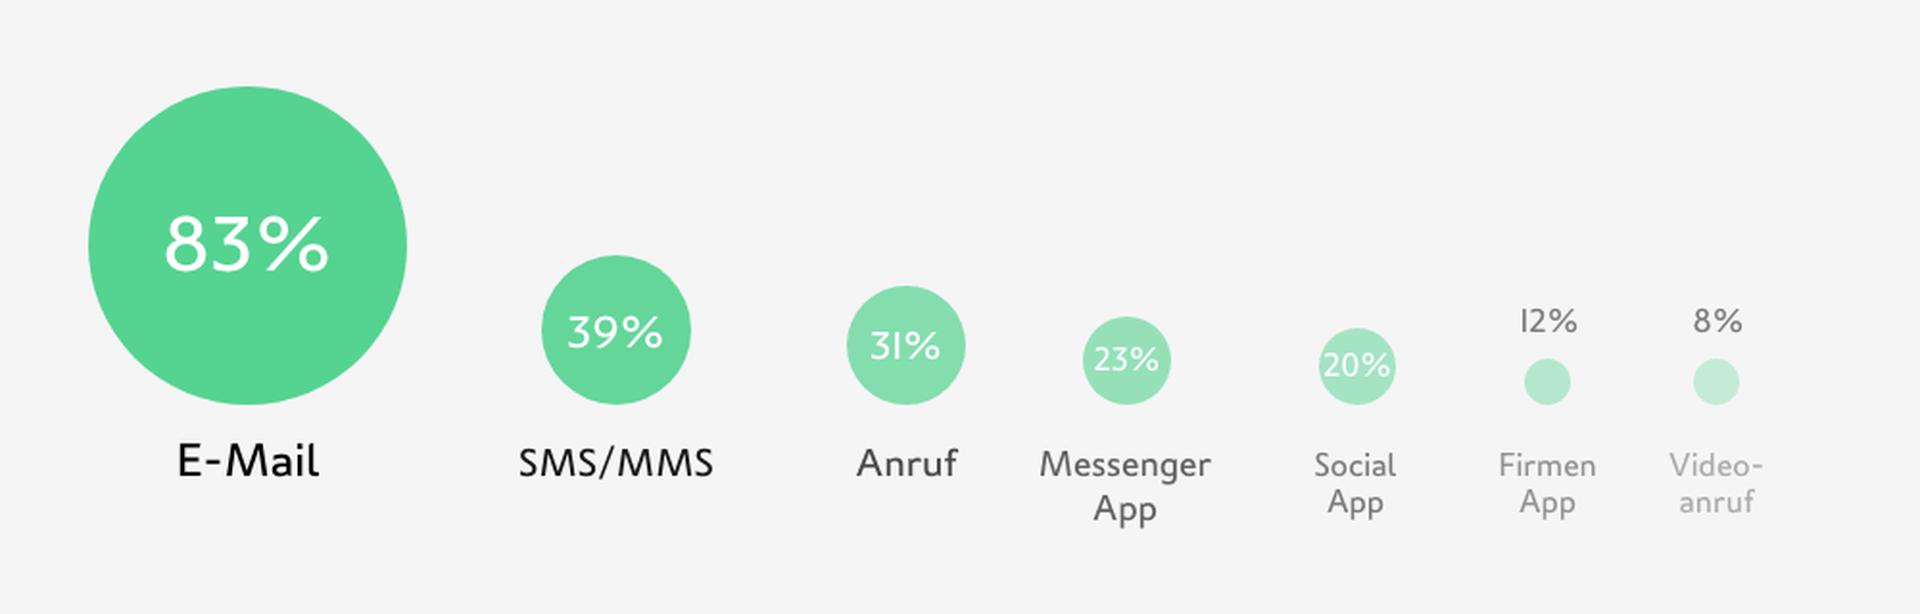 LINK Mobility -  83 % der Kunden erhalten Nachrichten von Unternehmen am liebsten per E-Mail und 39 % per SMS